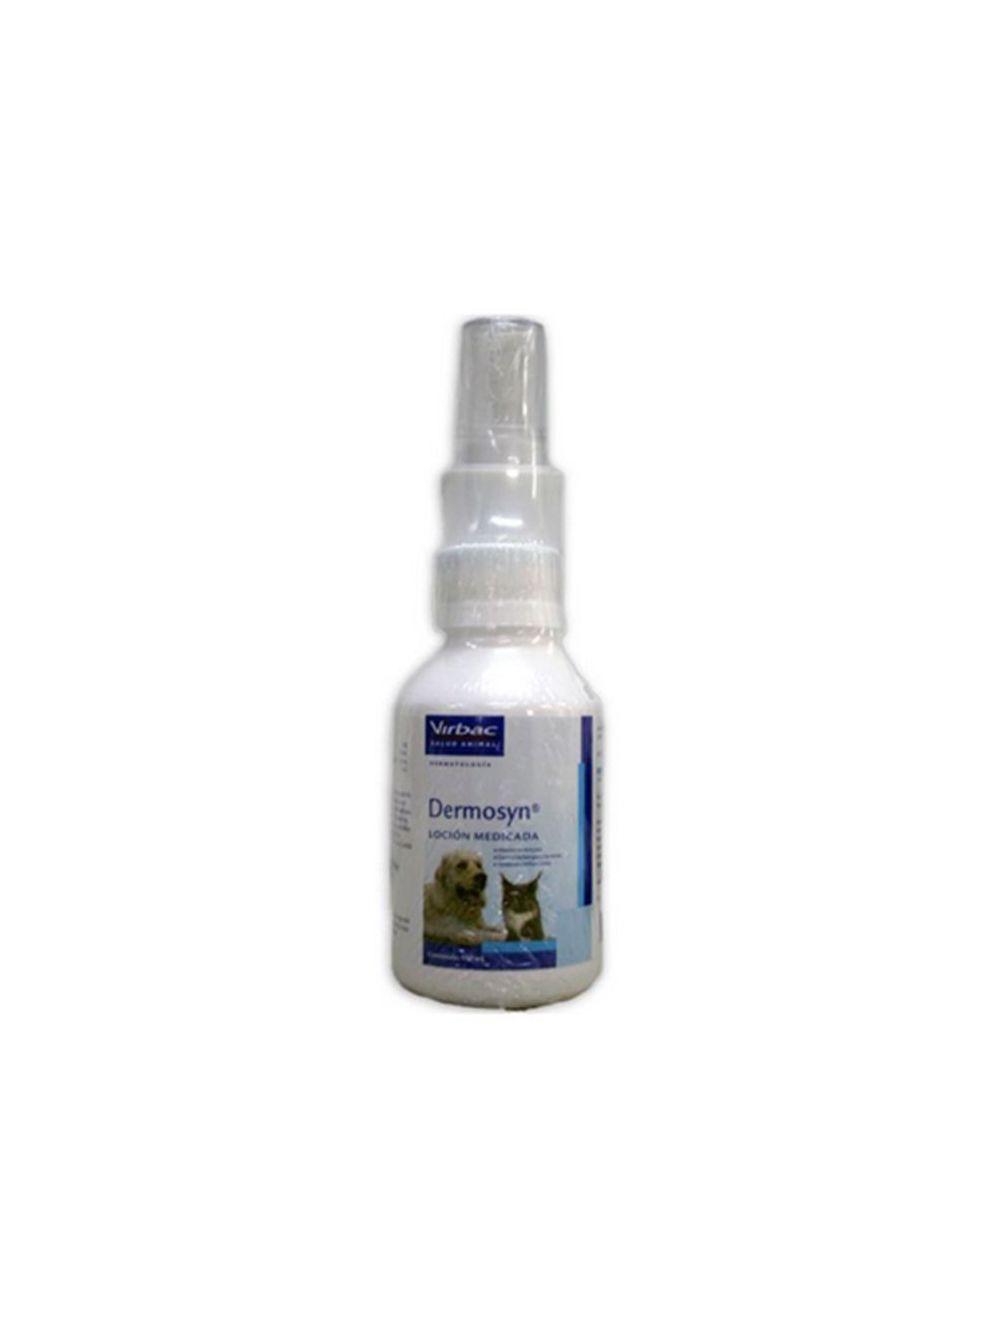 Dermosyn 50ml